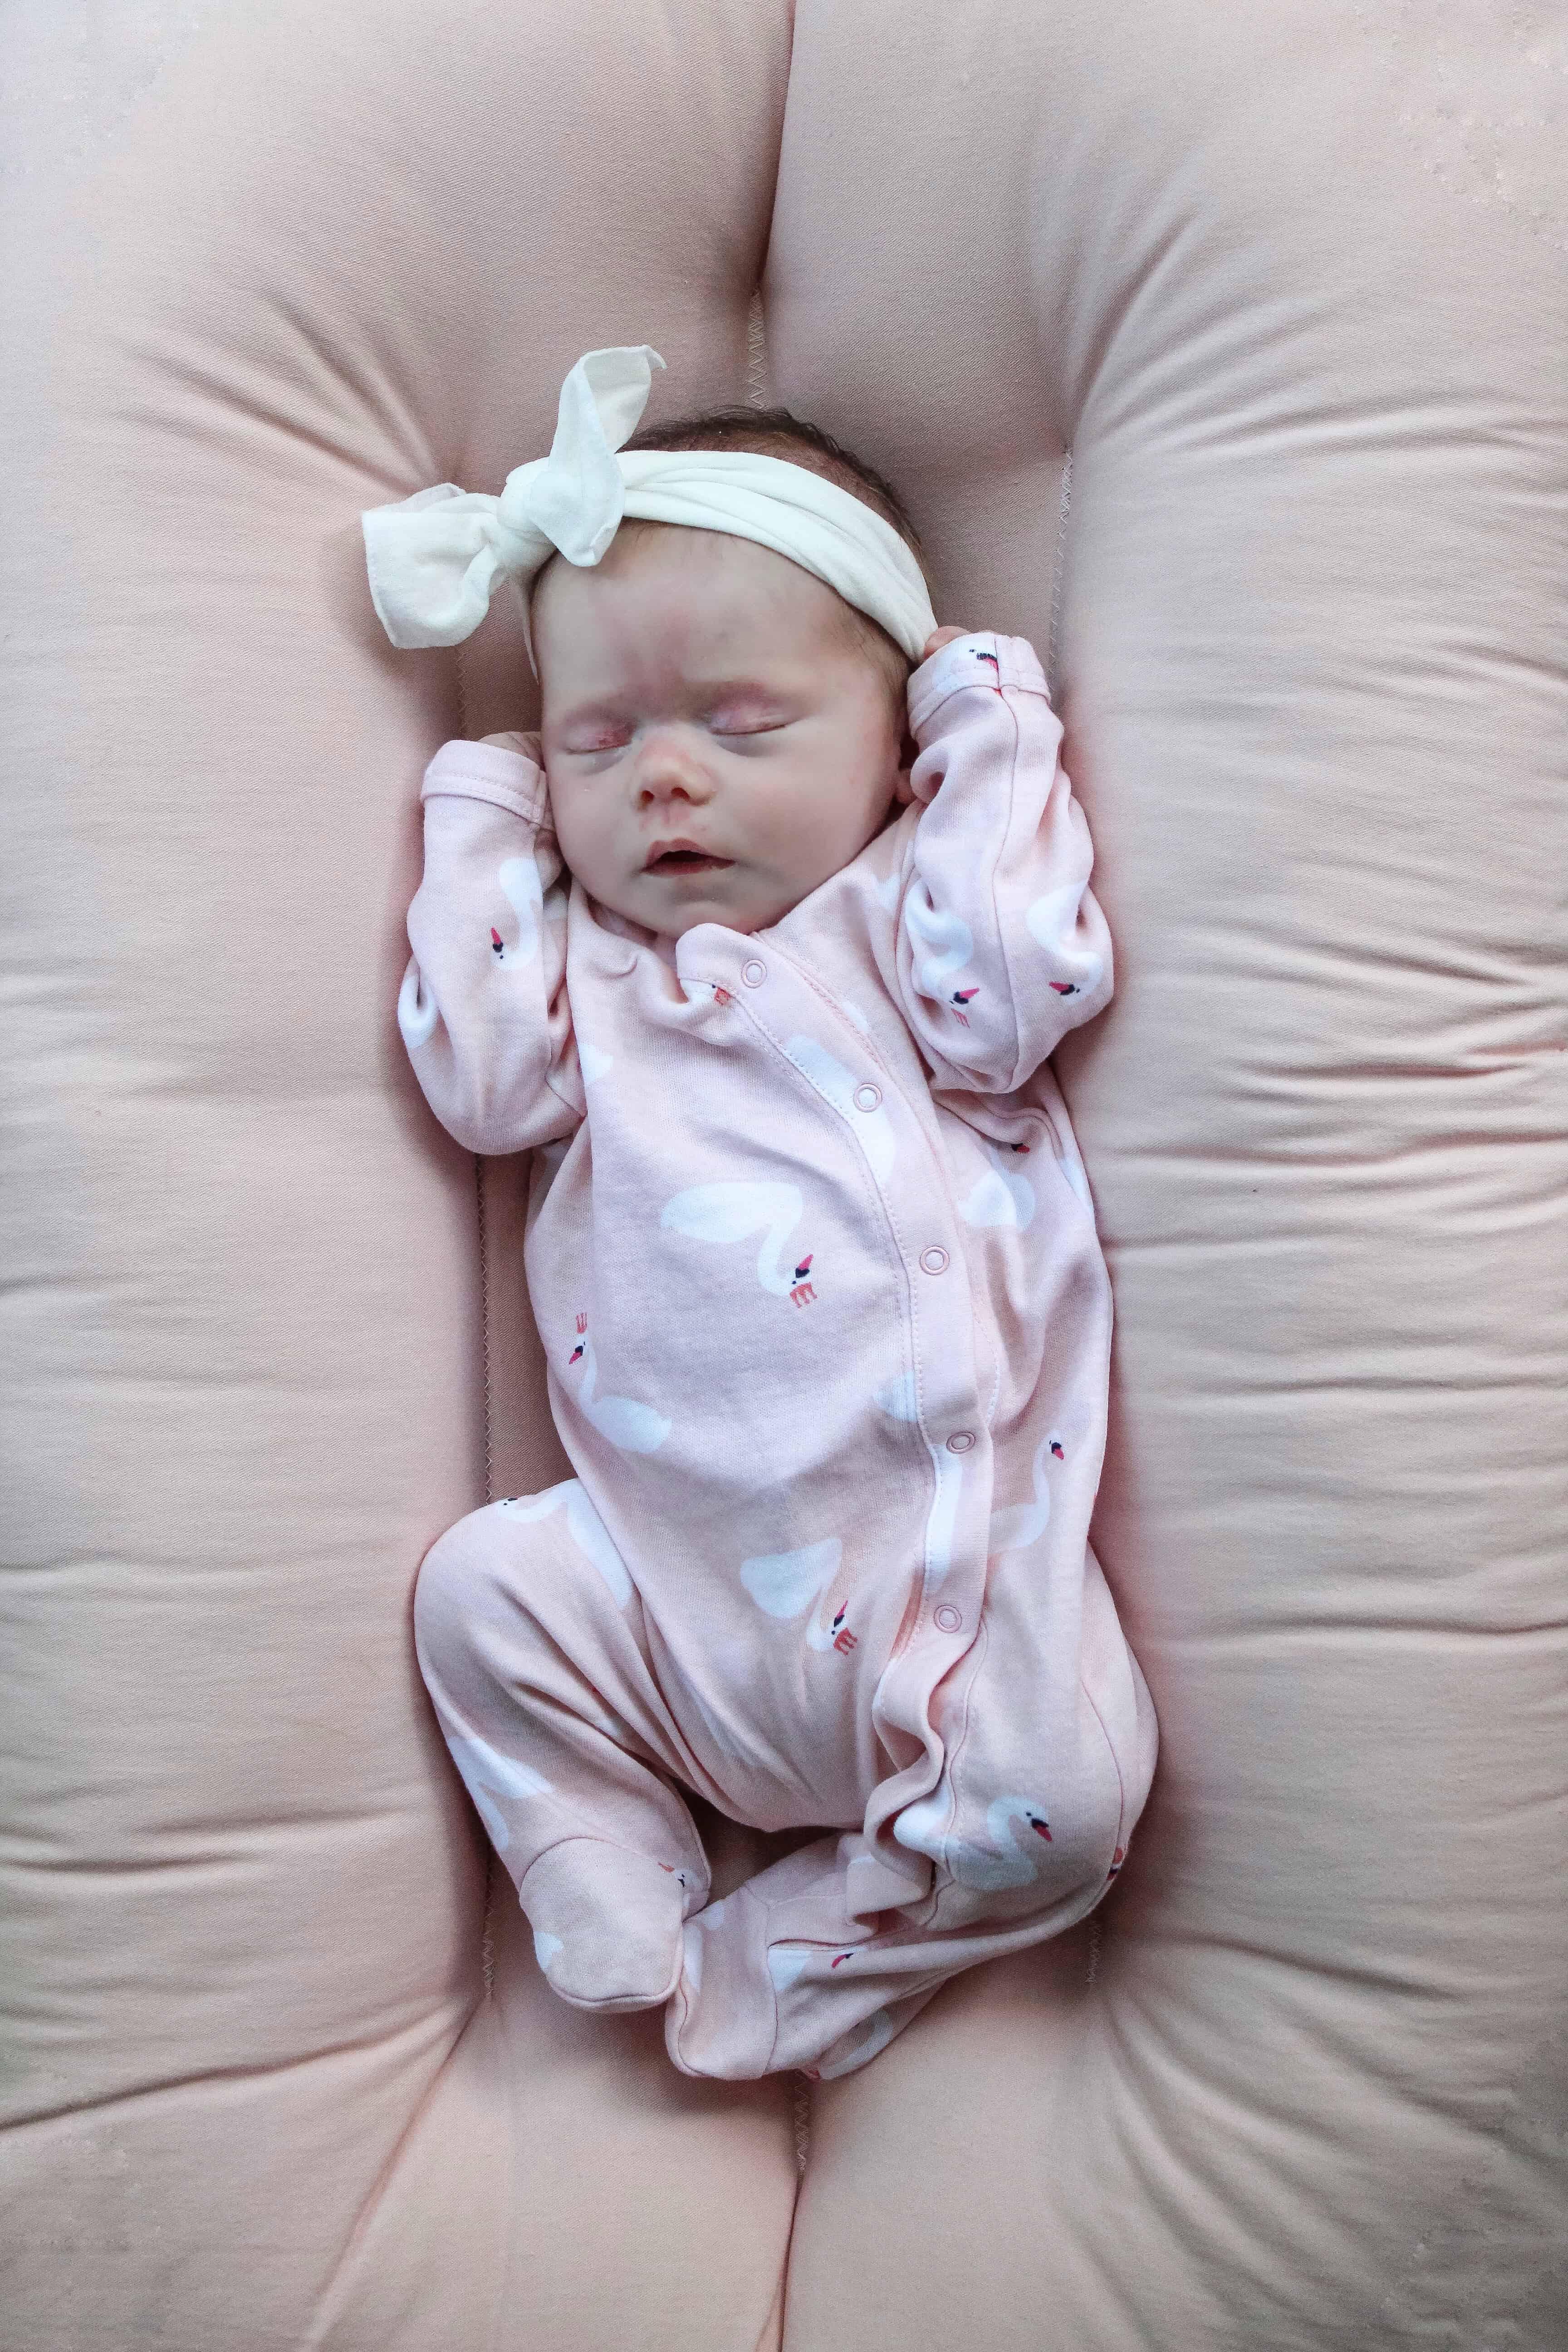 Sleeping baby in snuggle me organic